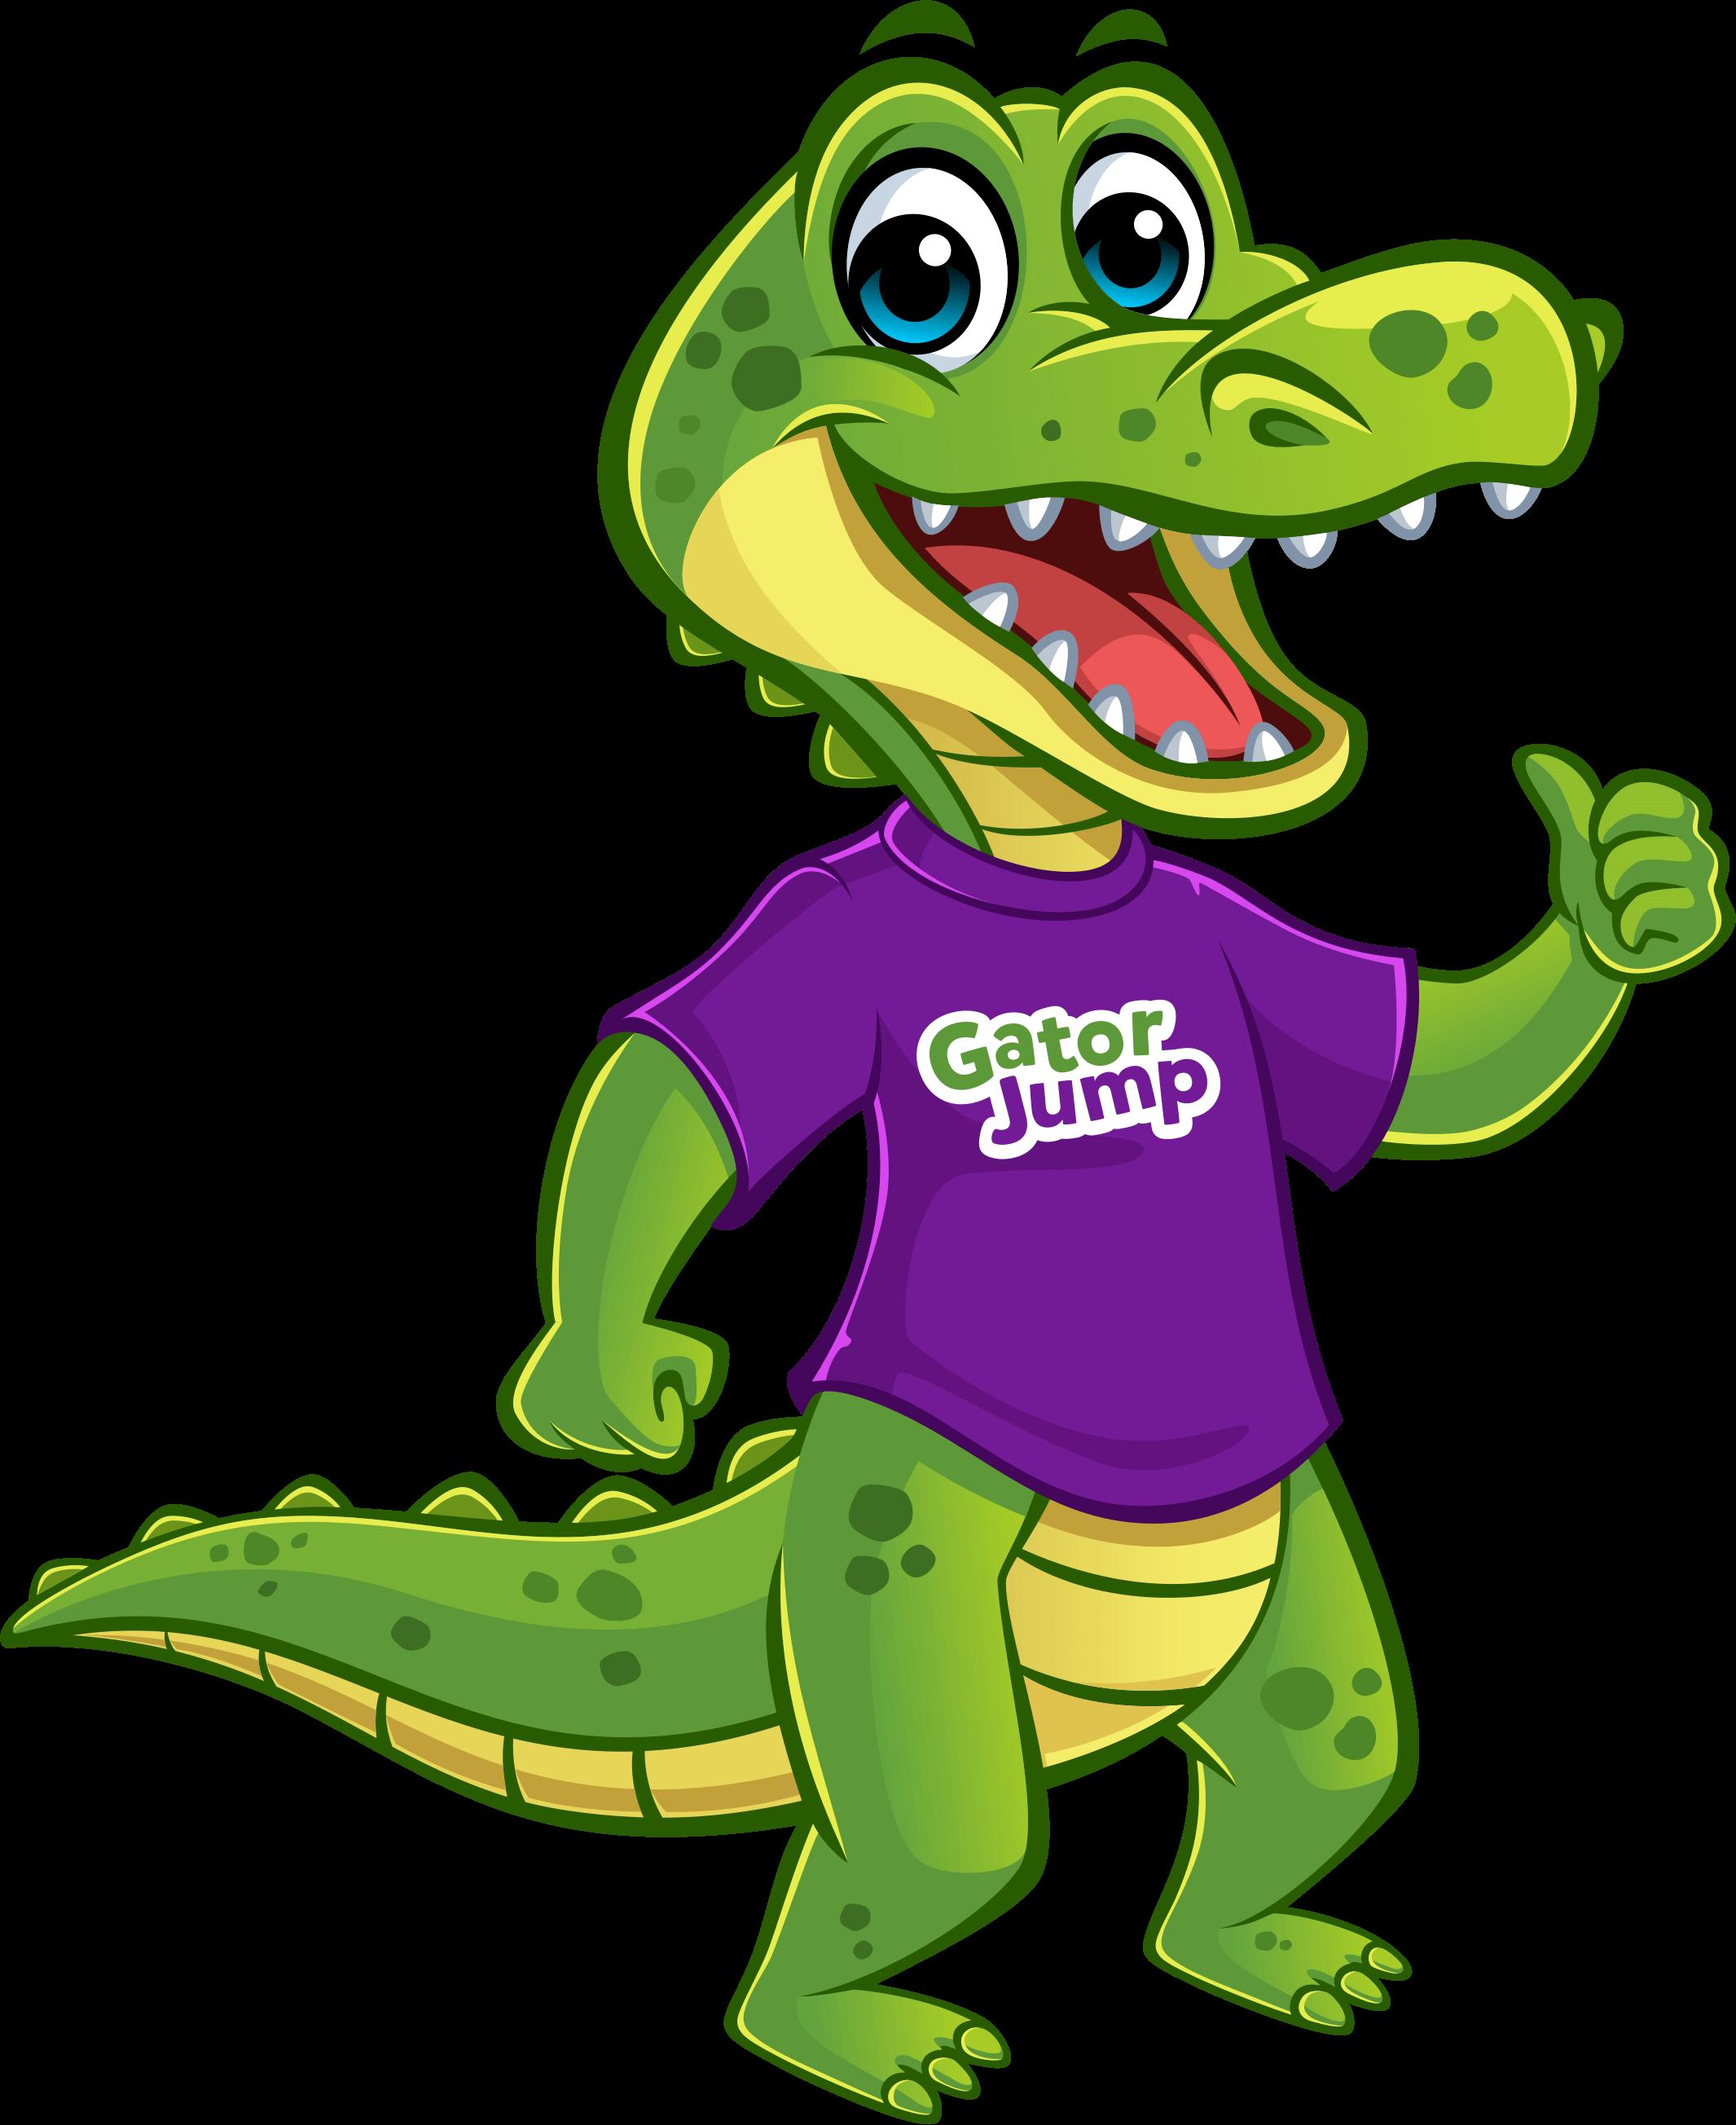 gator jump logo